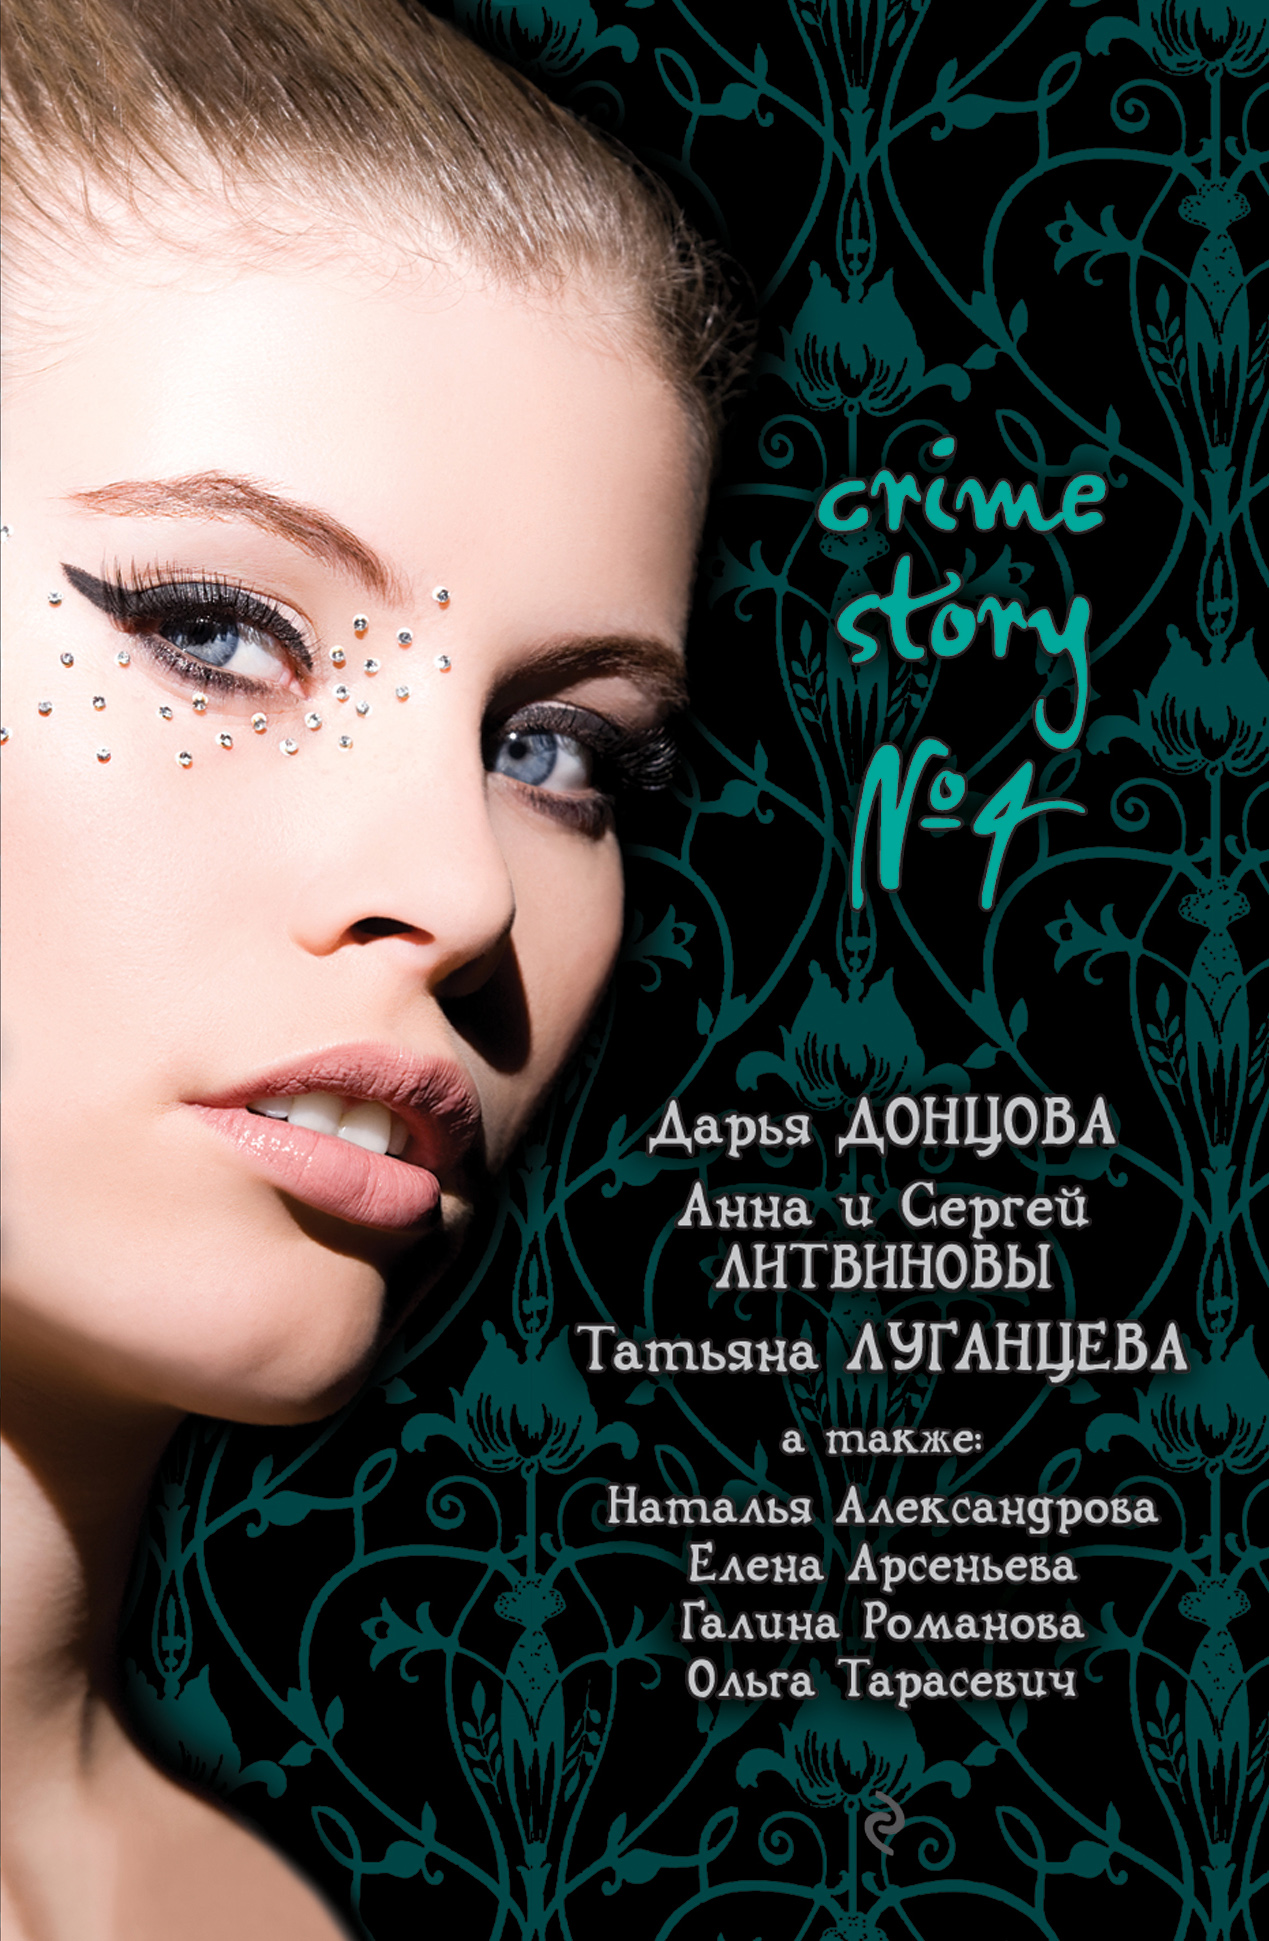 Дарья Донцова Crime story № 4 (сборник) анна и сергей литвиновы та самая татьяна сборник